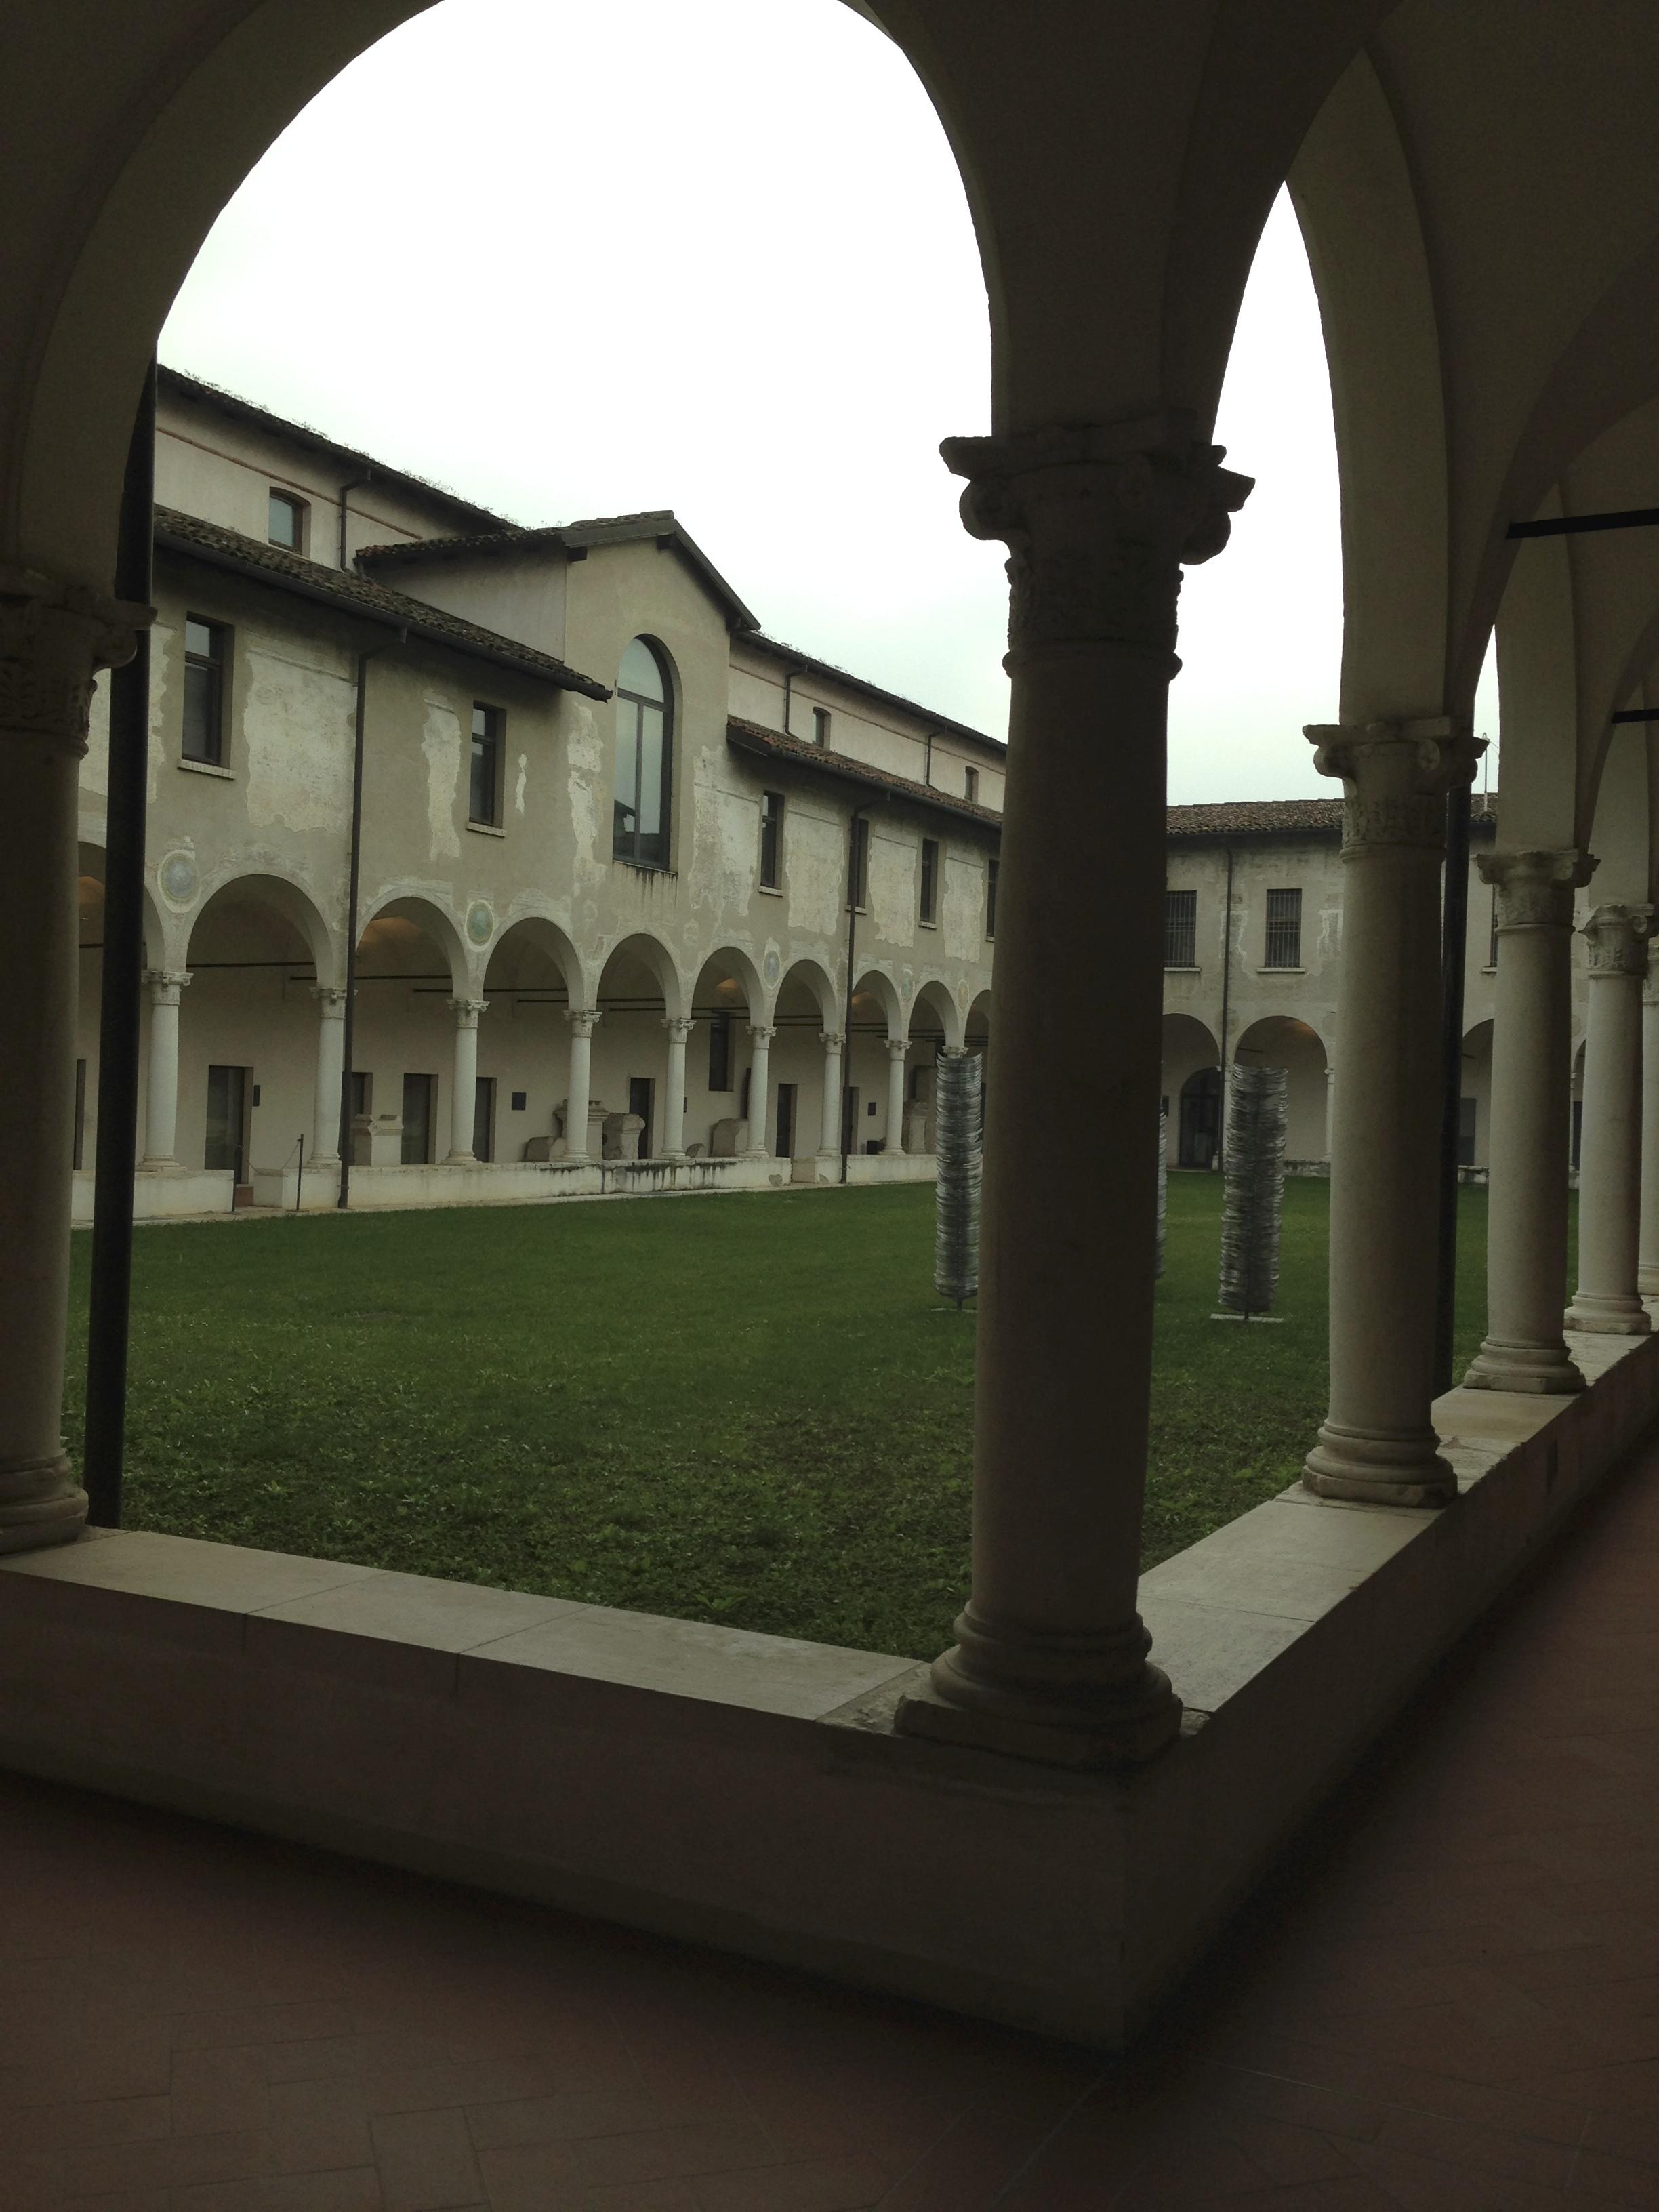 Uno dei bellissimi chiostri del monastero benedettino femminile S. Giulia (foto di Robert Ribaudo)